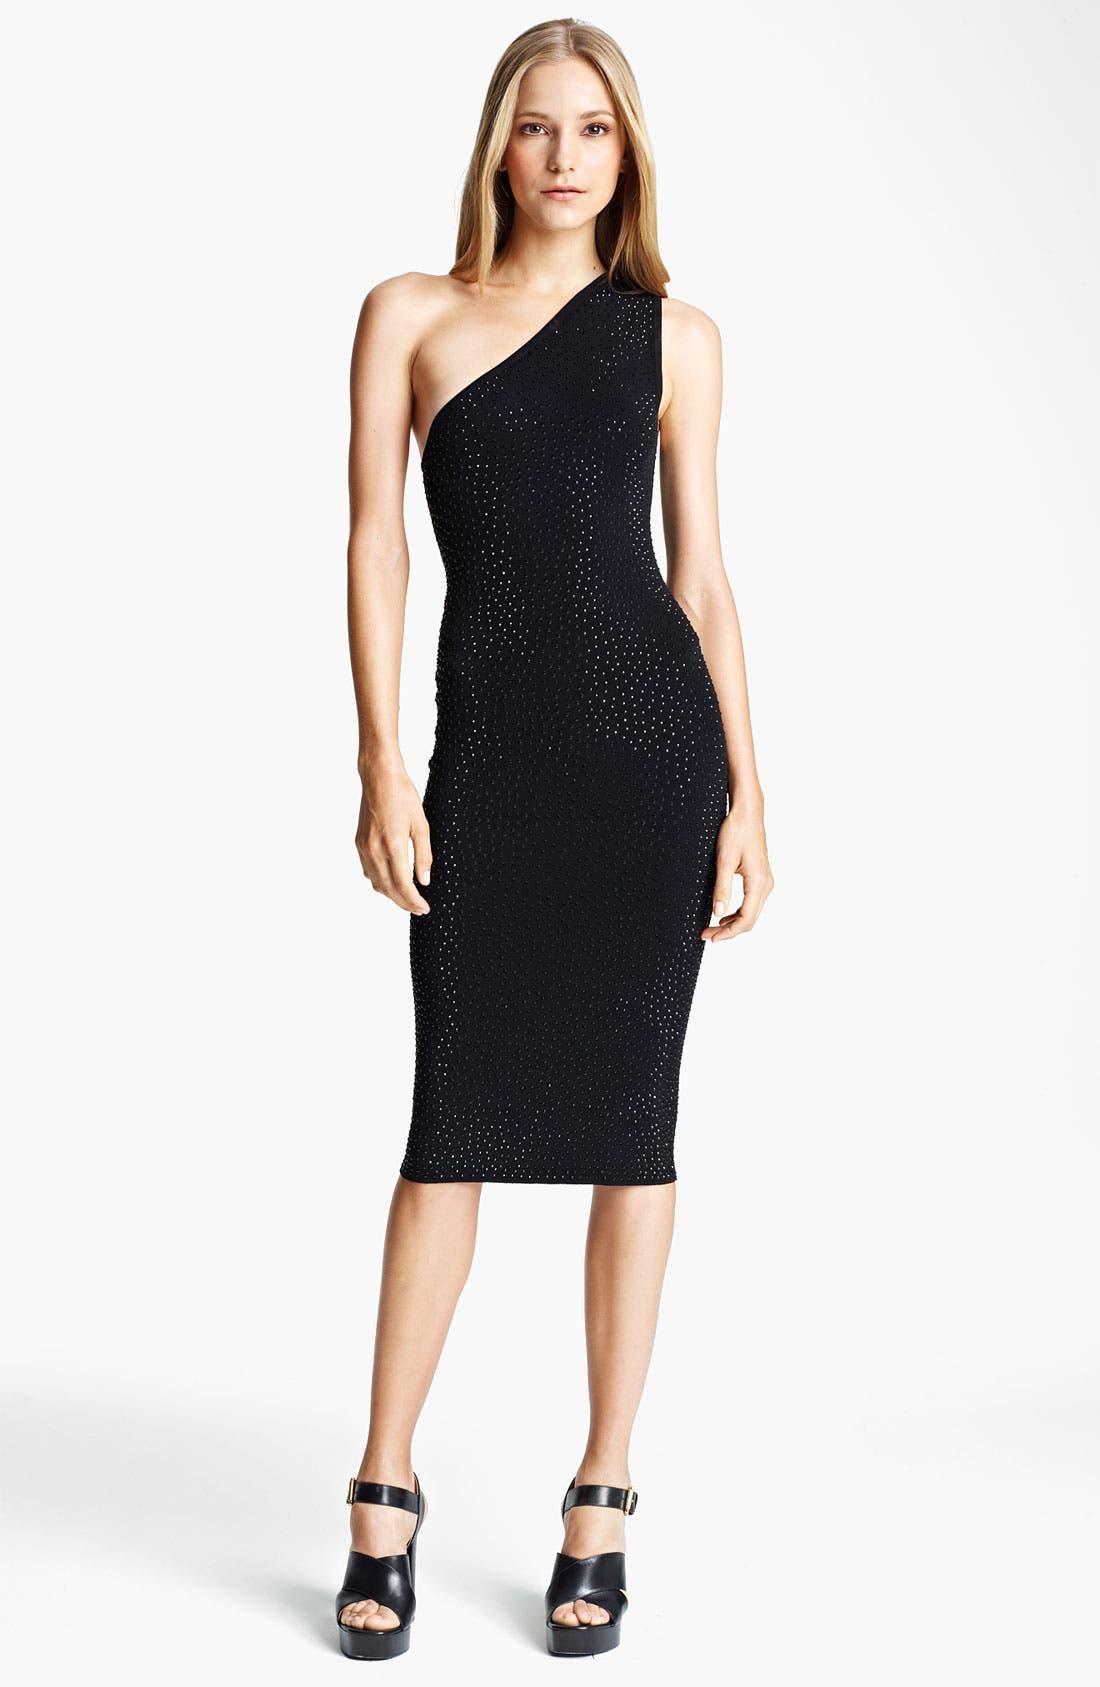 Main Image - Michael Kors Embellished One Shoulder Dress